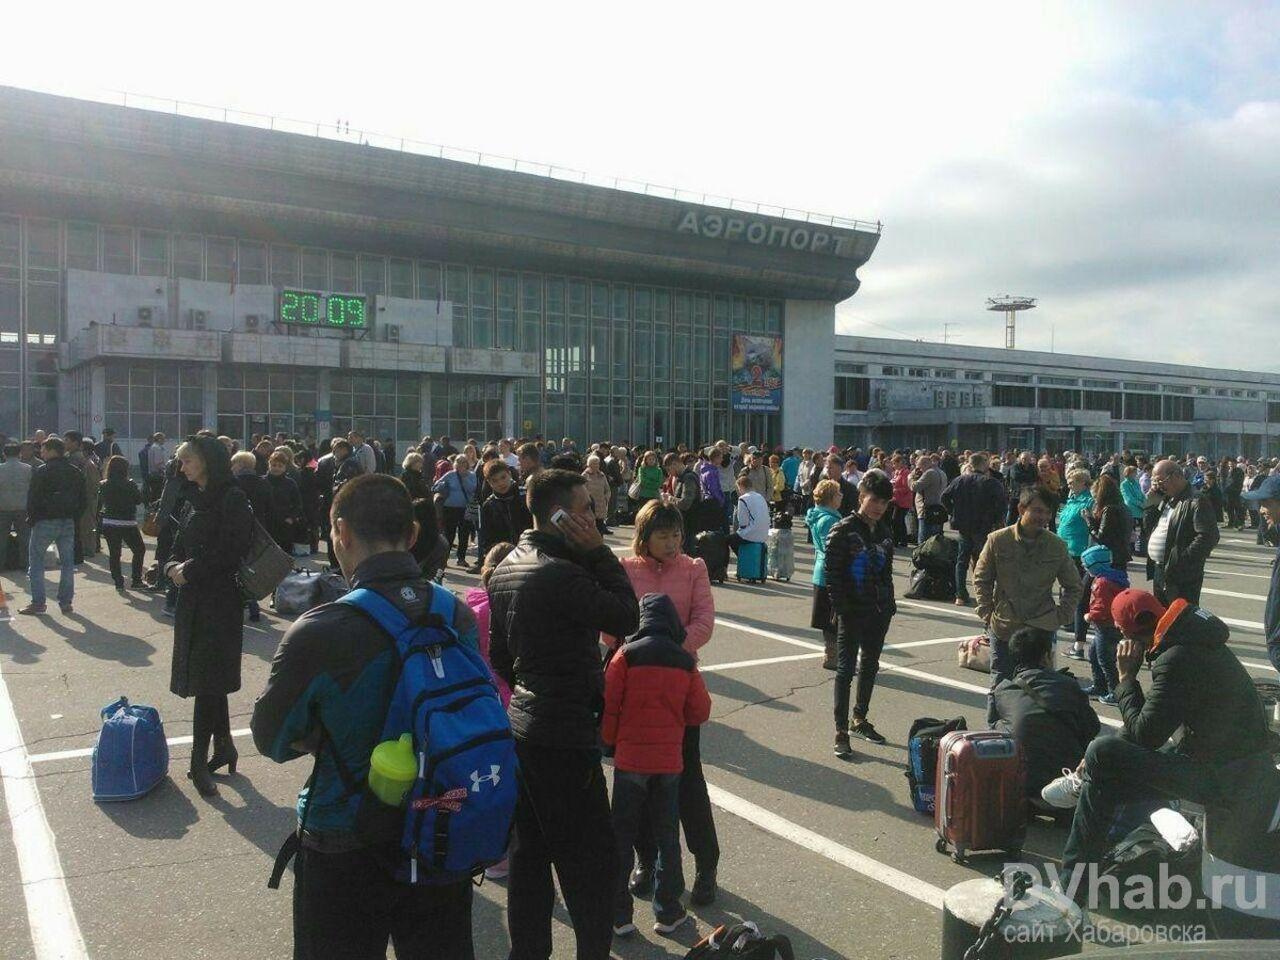 Работа аэропорта Хабаровска была приостановлена из-за подозрительных сумок